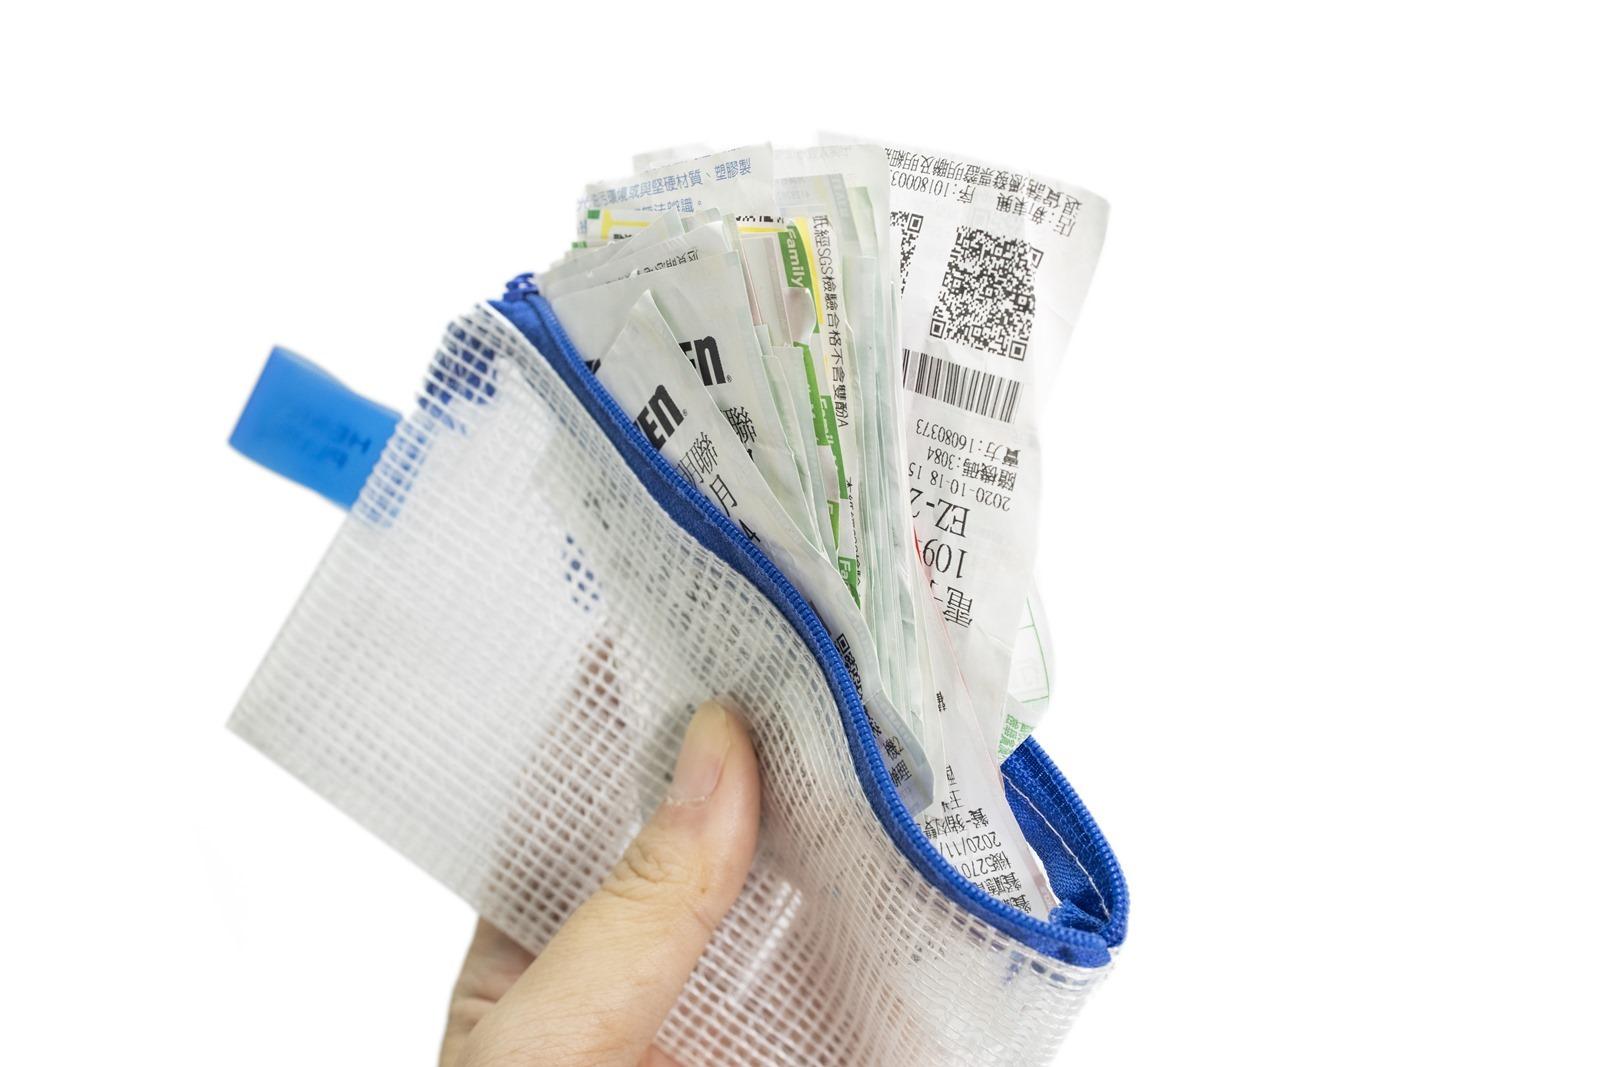 傳統發票也能掃!『水滴發票 APP』統一發票自動對獎好幫手,還能全自動記帳讓你理財好輕鬆 @3C 達人廖阿輝